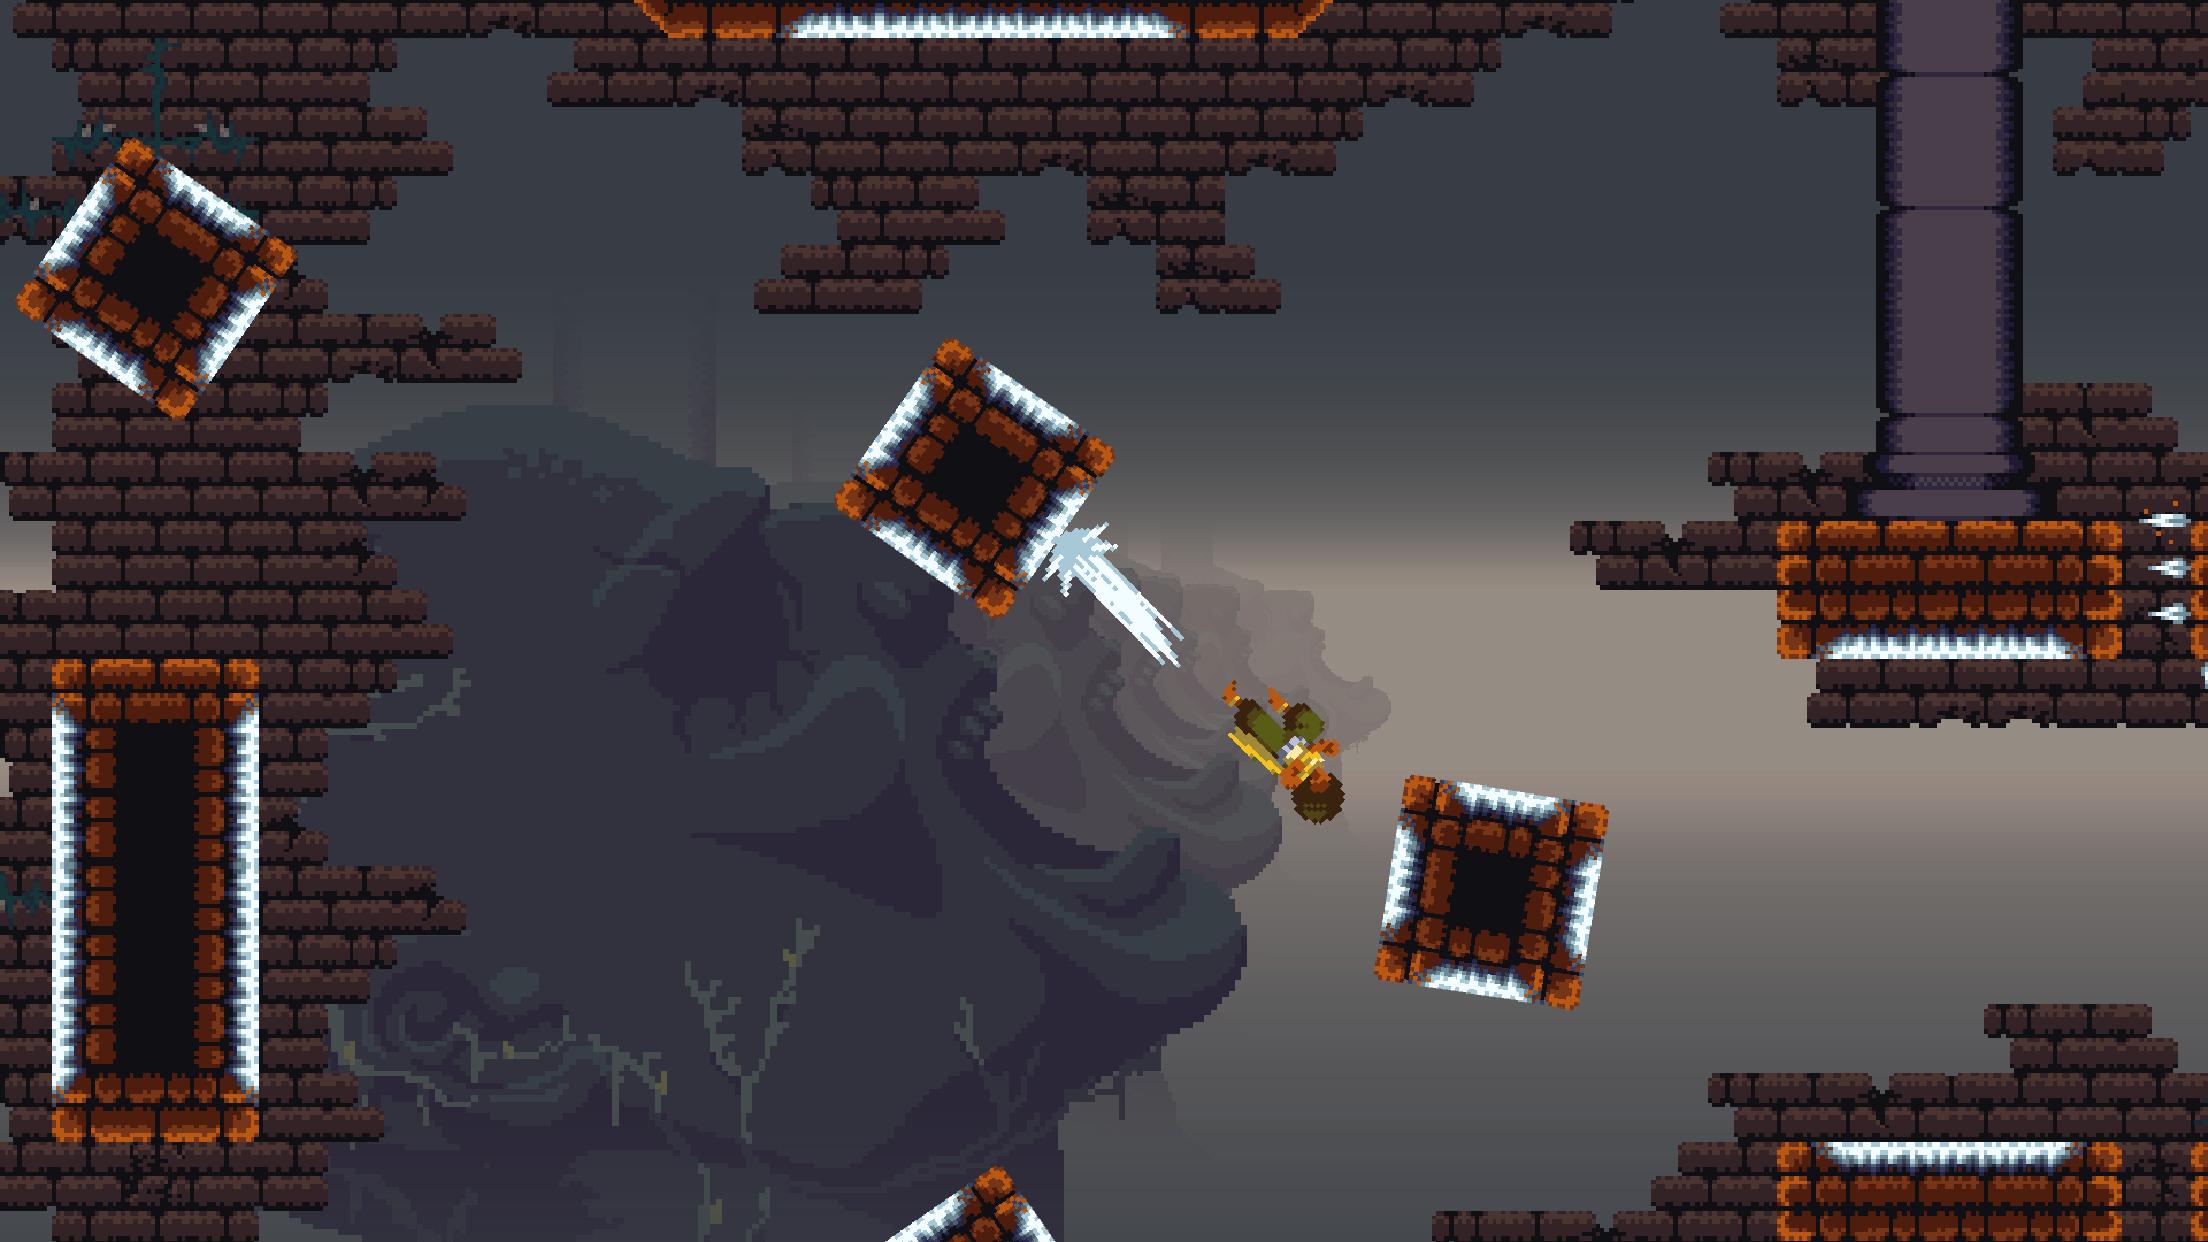 dandara e um dos melhores games brasileiros para todas as plataformas